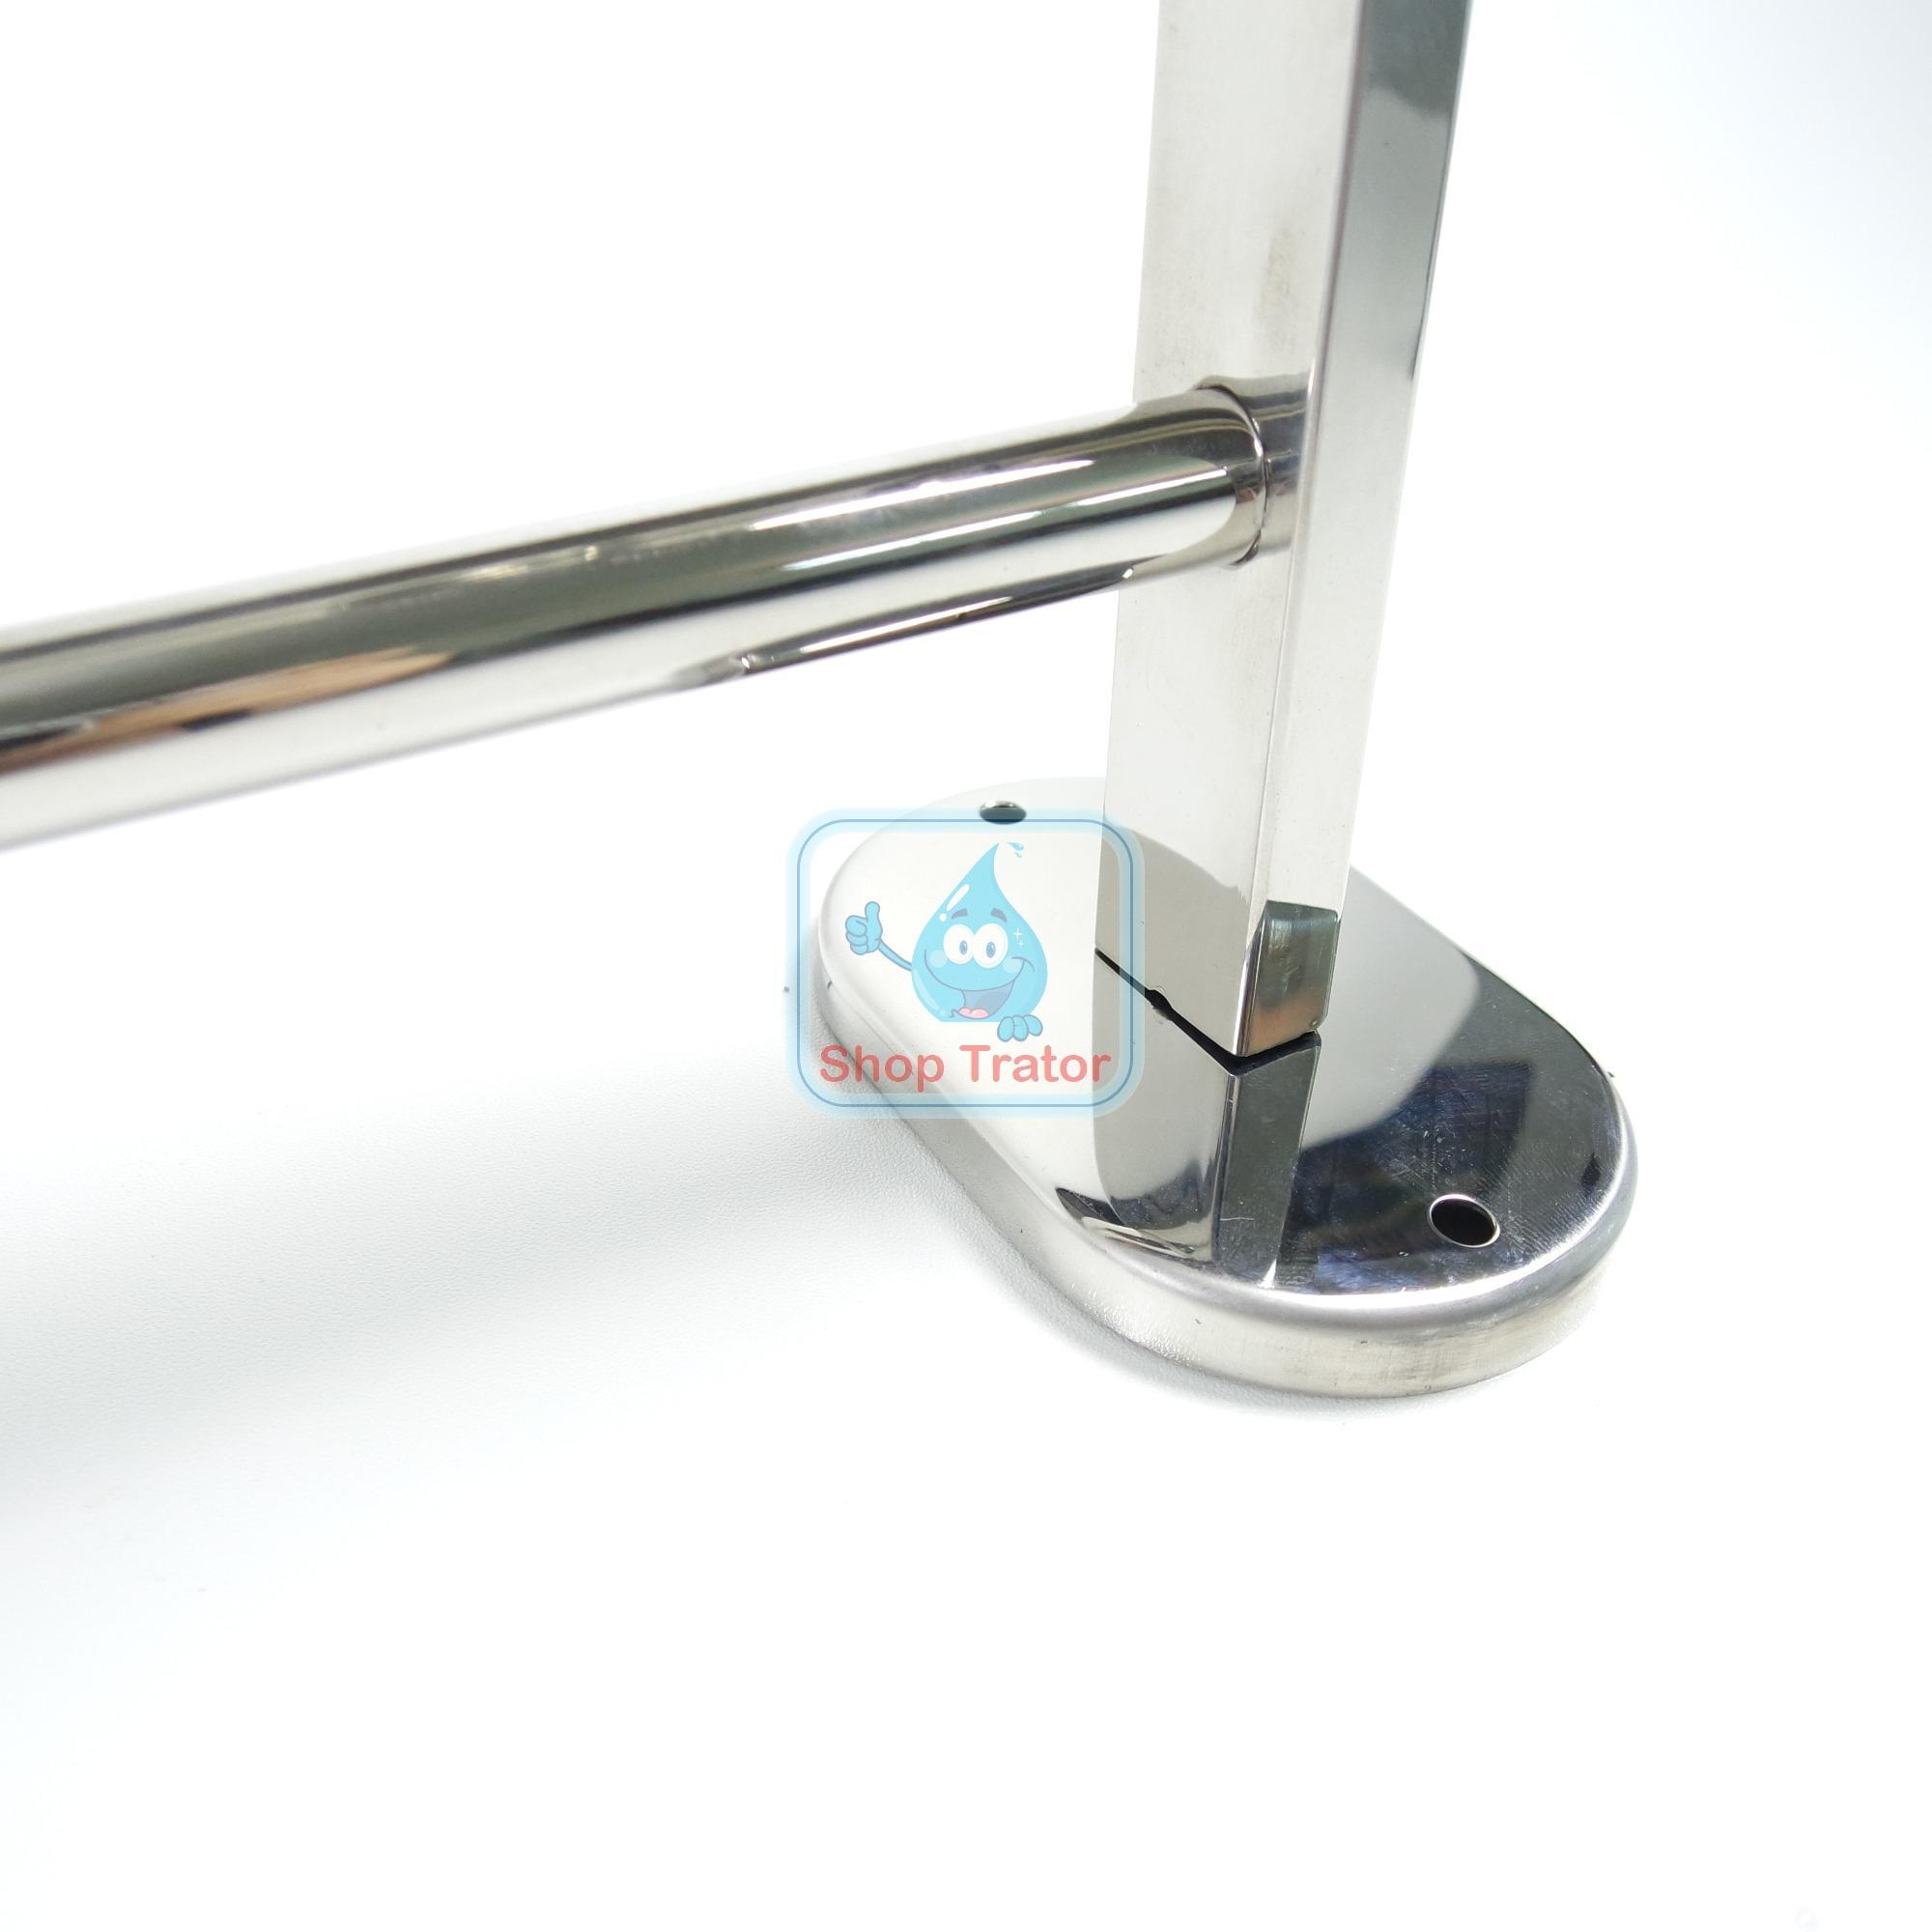 Fitur Rak Handuk Stainless Minimalis 2 Susun 60 Cm Murah Gantungan Dinding Serbaguna Aluminium 3 5